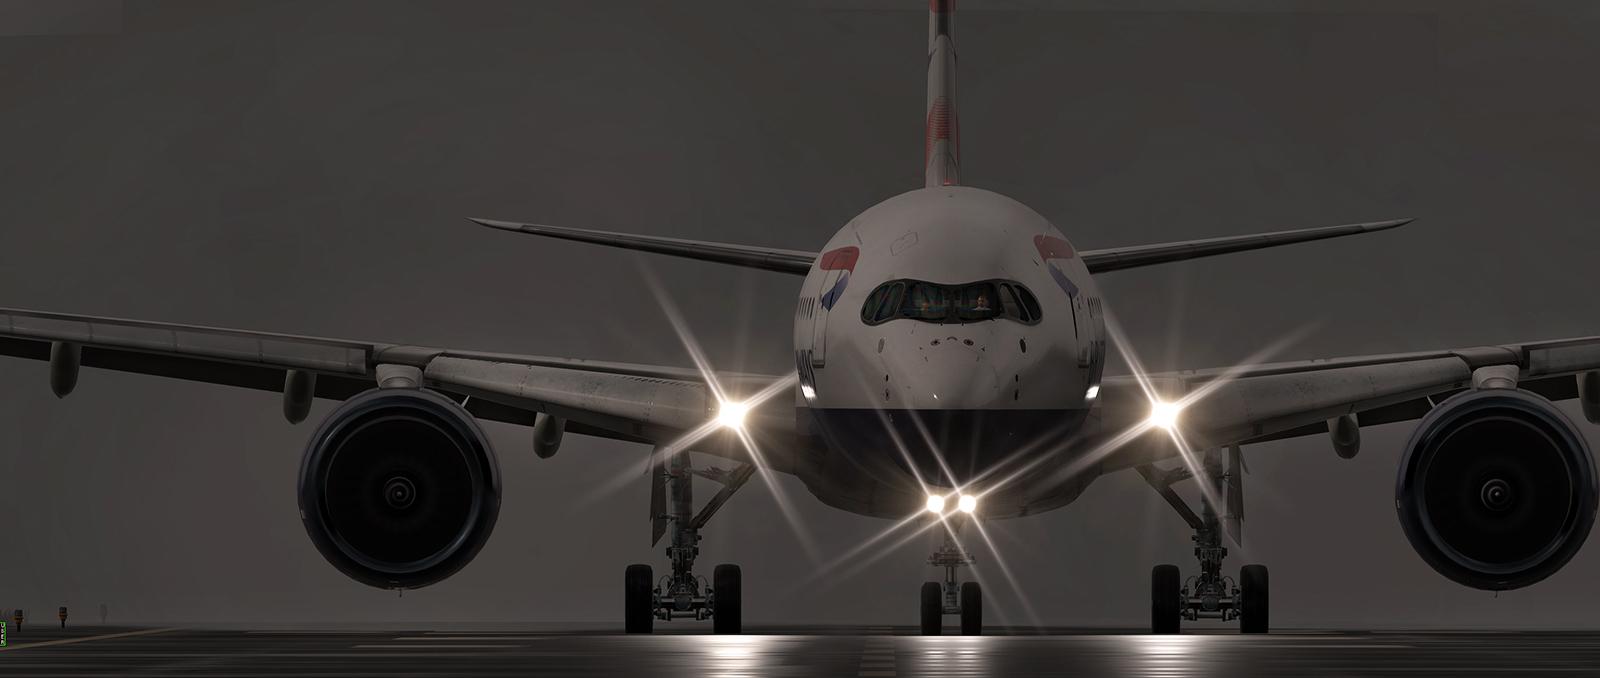 X Plane 11 Eglc